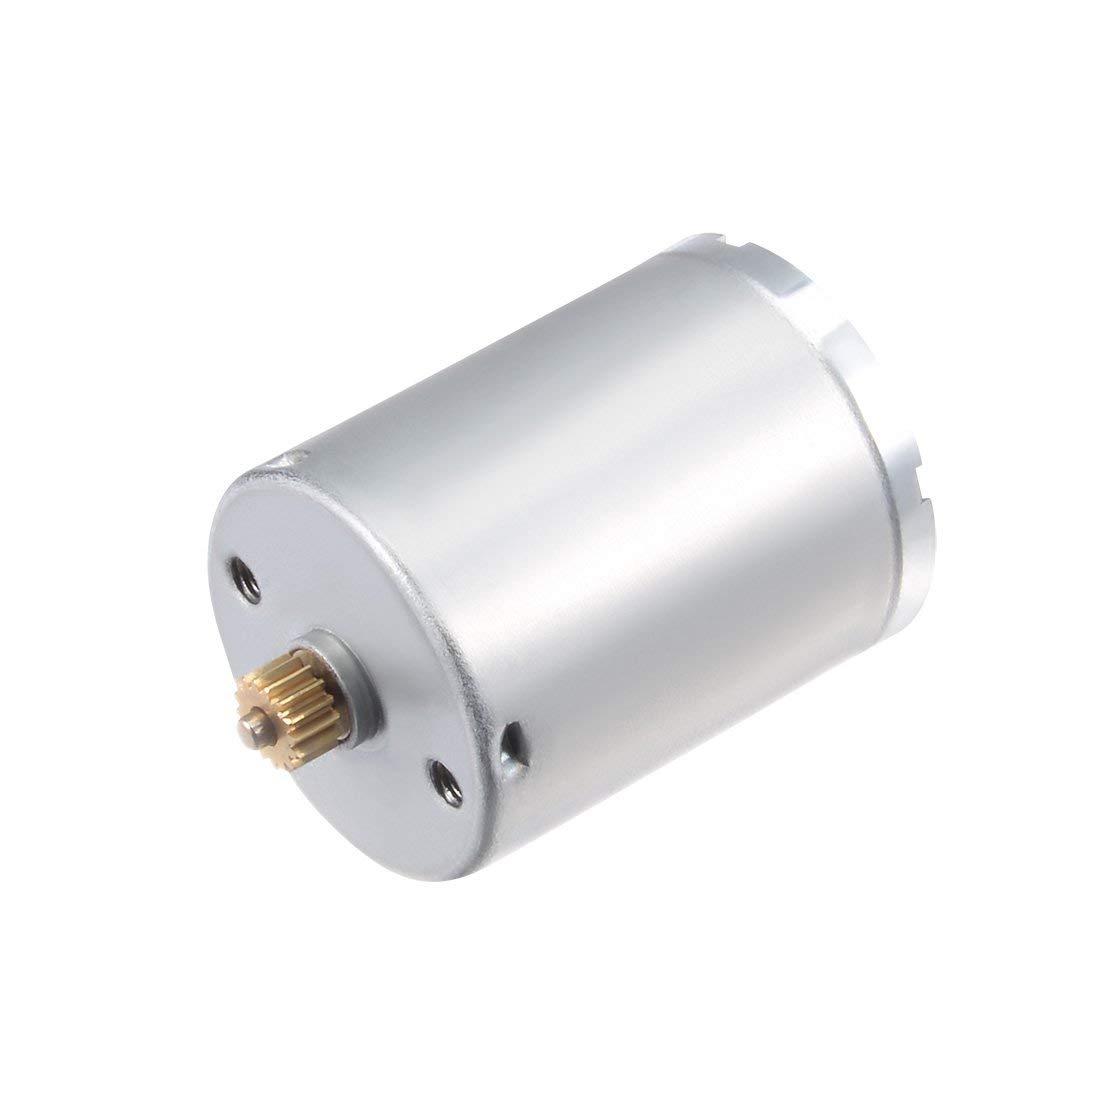 eDealMaxマイクロモーターdc 6ボルト14000 rpm 9歯高速モーター用diyのおもちゃモデルリモートコントロール B07T23J8TK